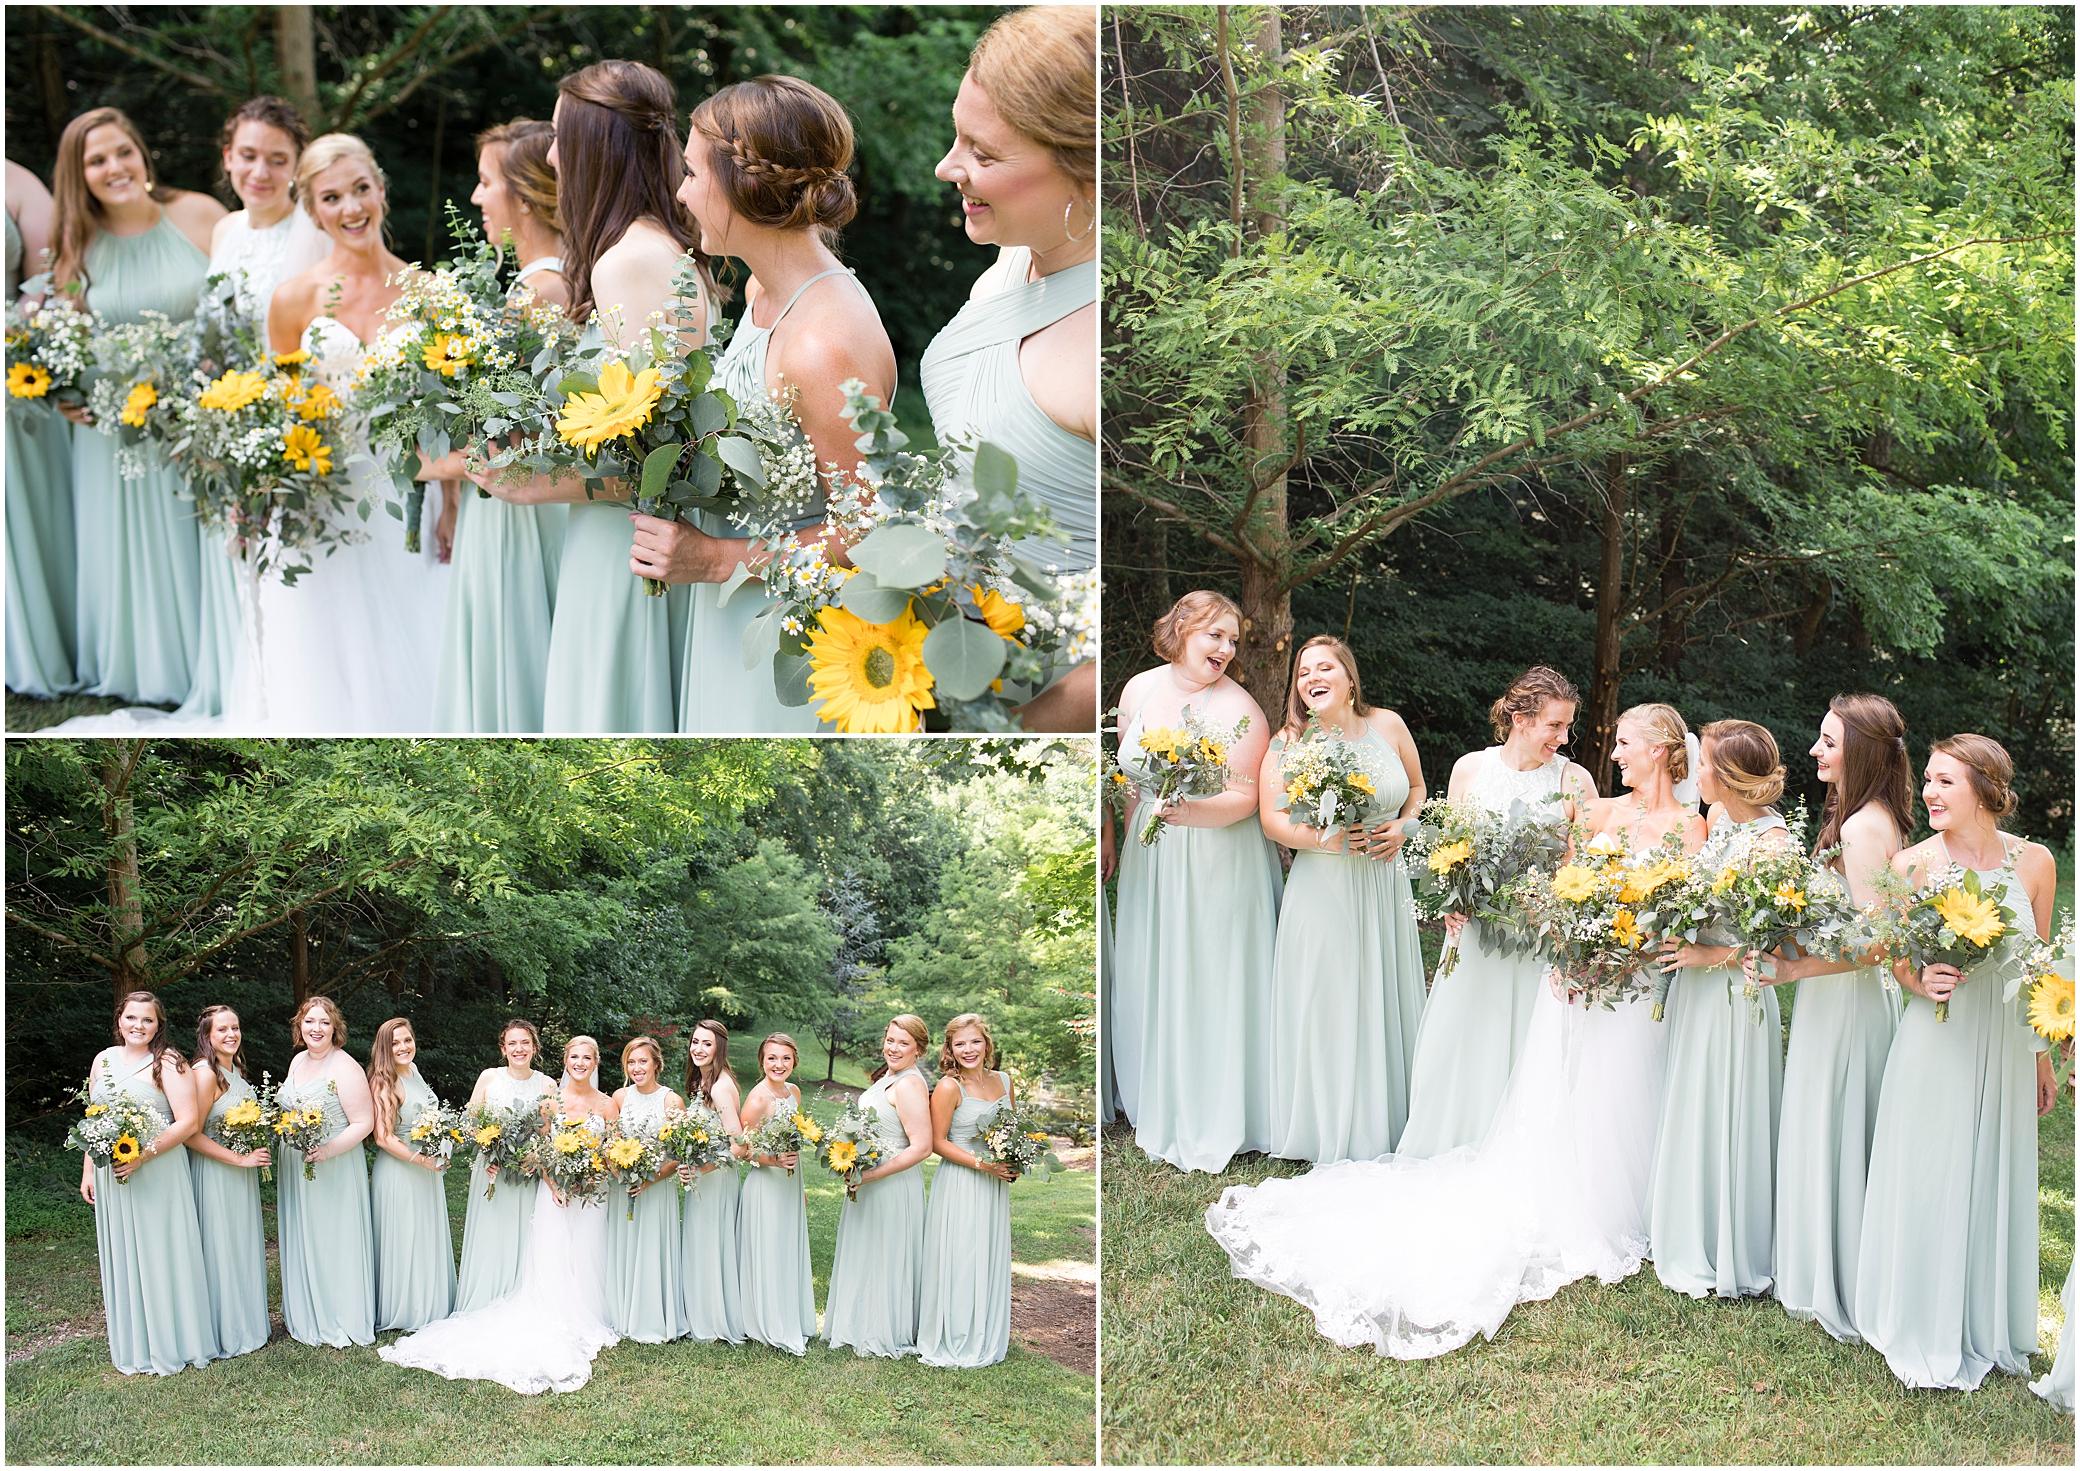 House Mountain Inn Wedding, Virginia wedding in the mountains, bridesmaids